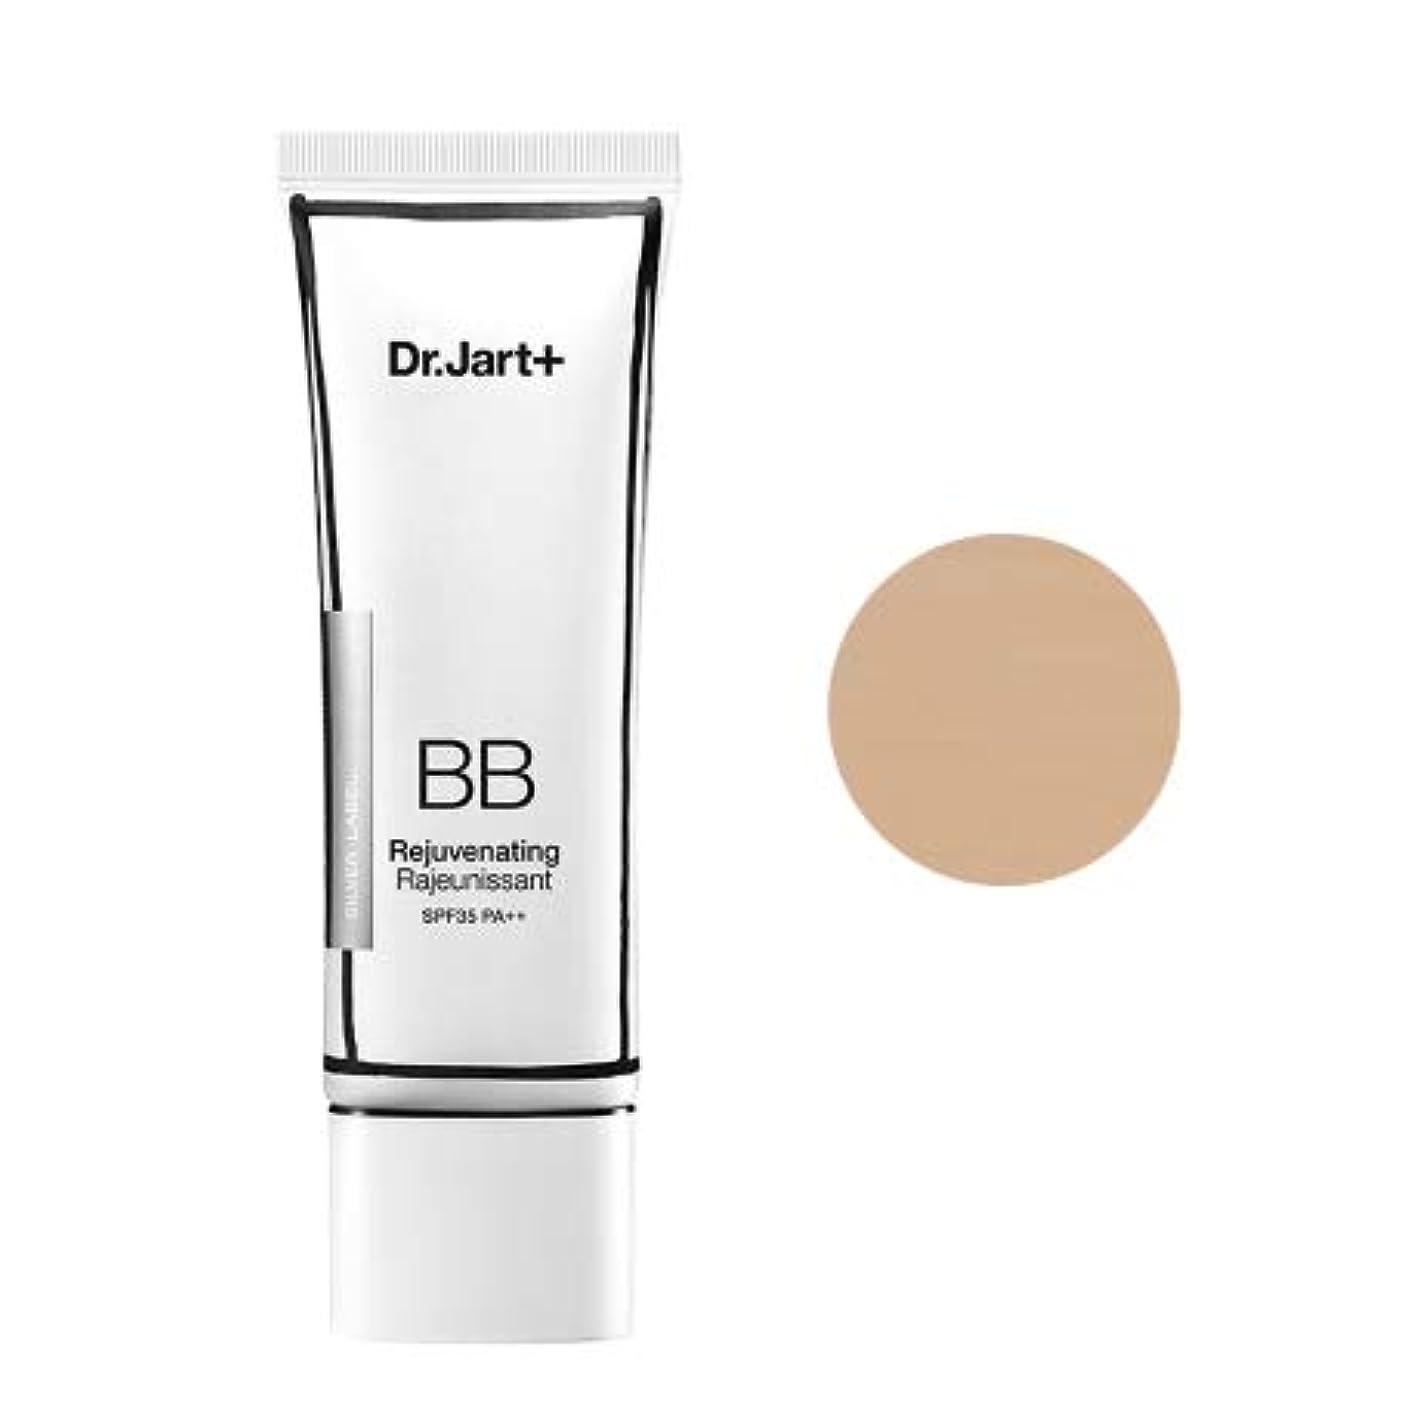 ベルシルエット急流[Upgrade] Dr.Jart+Dermakeup Rejuvenating Beauty Balm SPF35 PA++ 50ml /ドクタージャルトゥザメーキャップリージュビネイティンビューティーバーム SPF35...